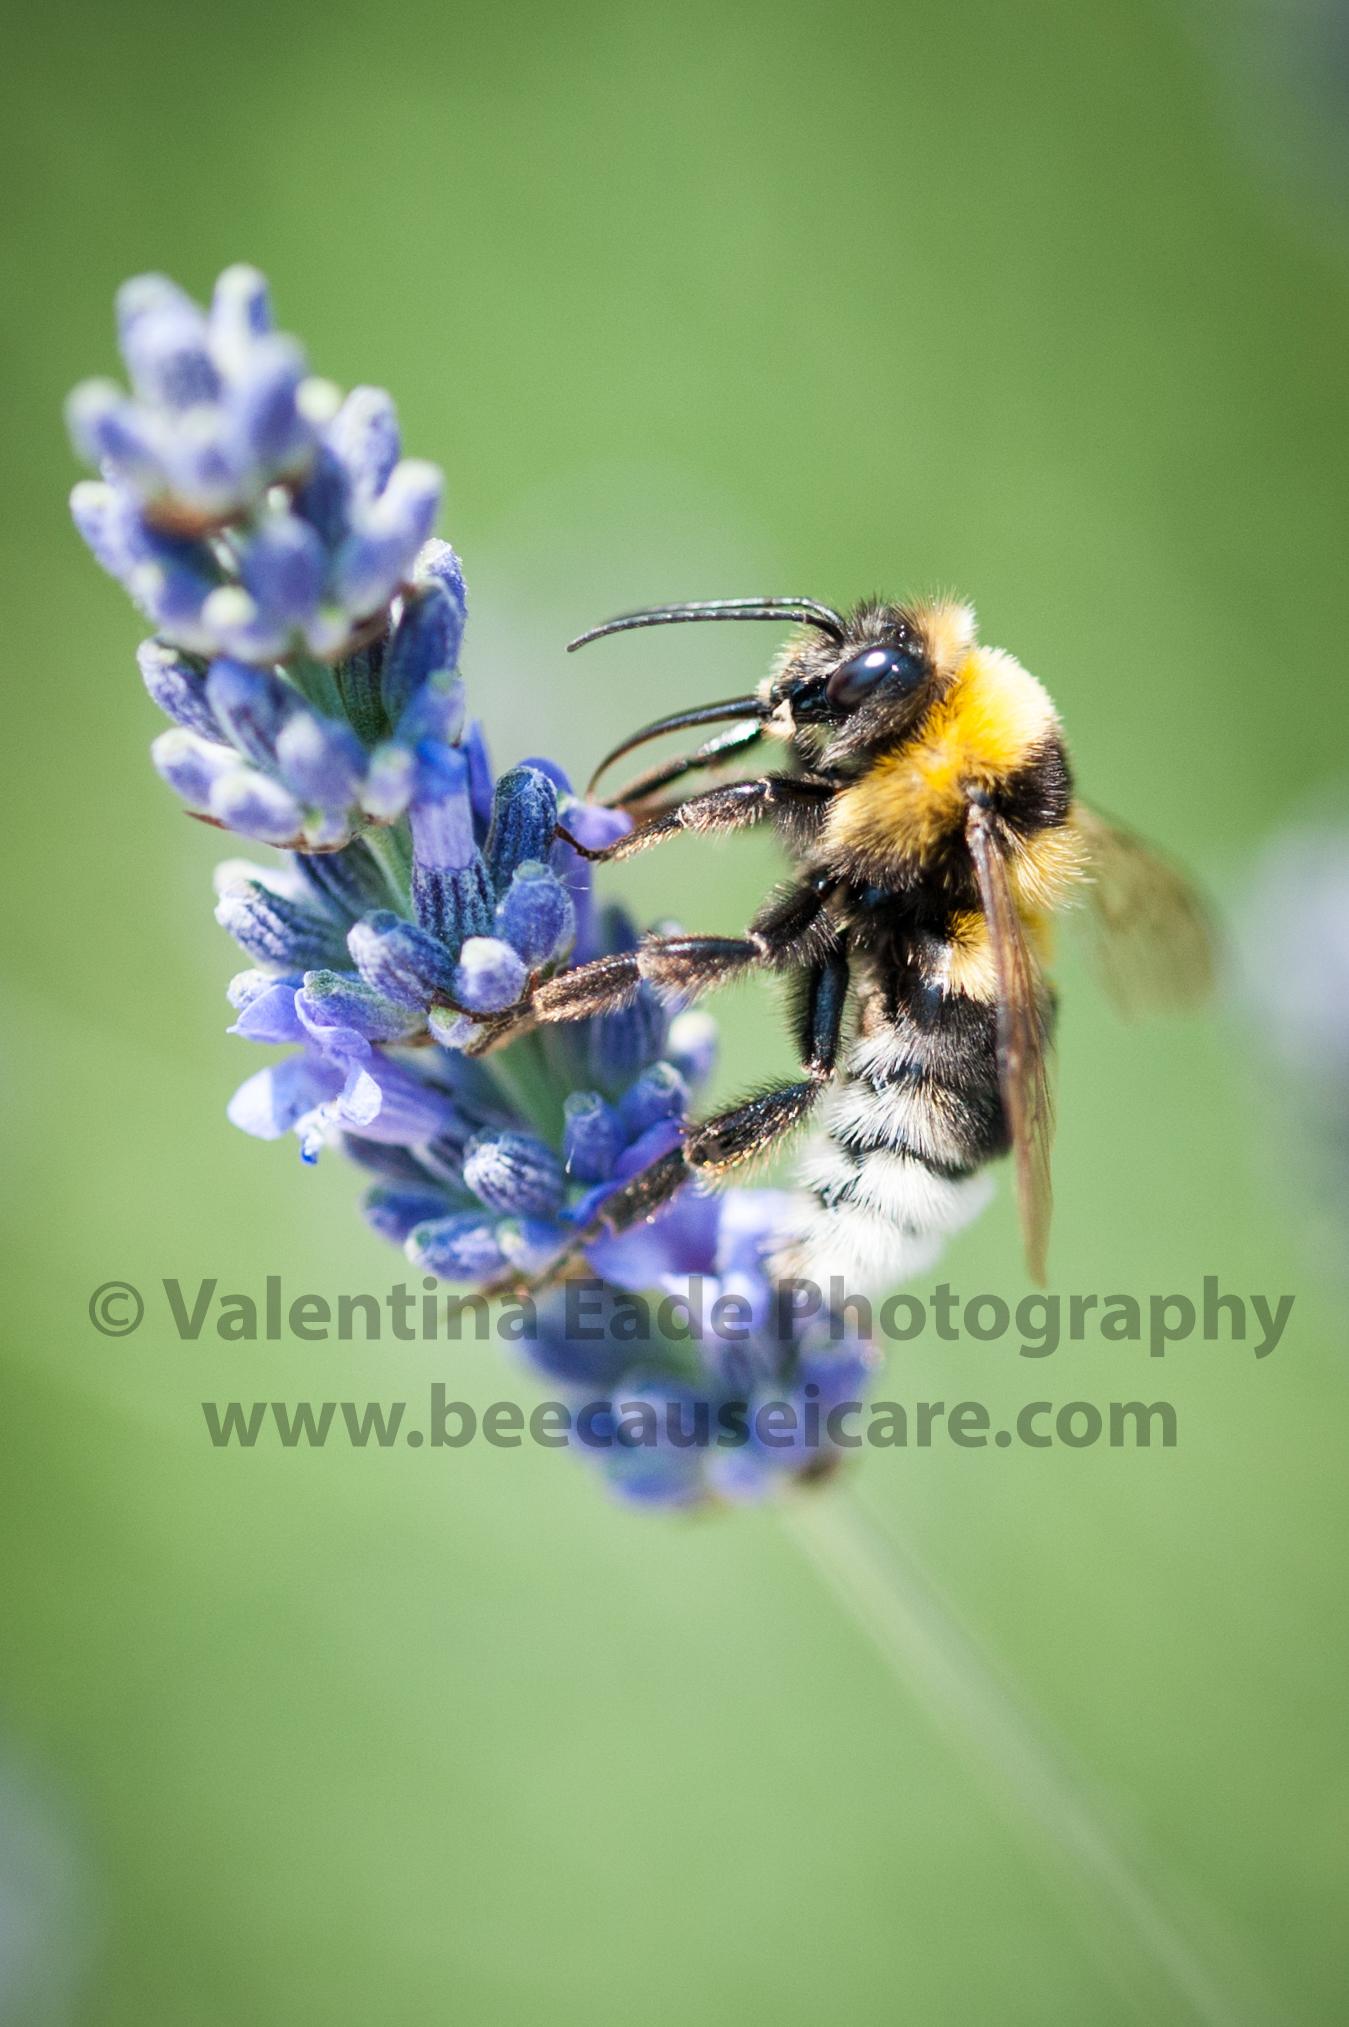 bumblebee_018